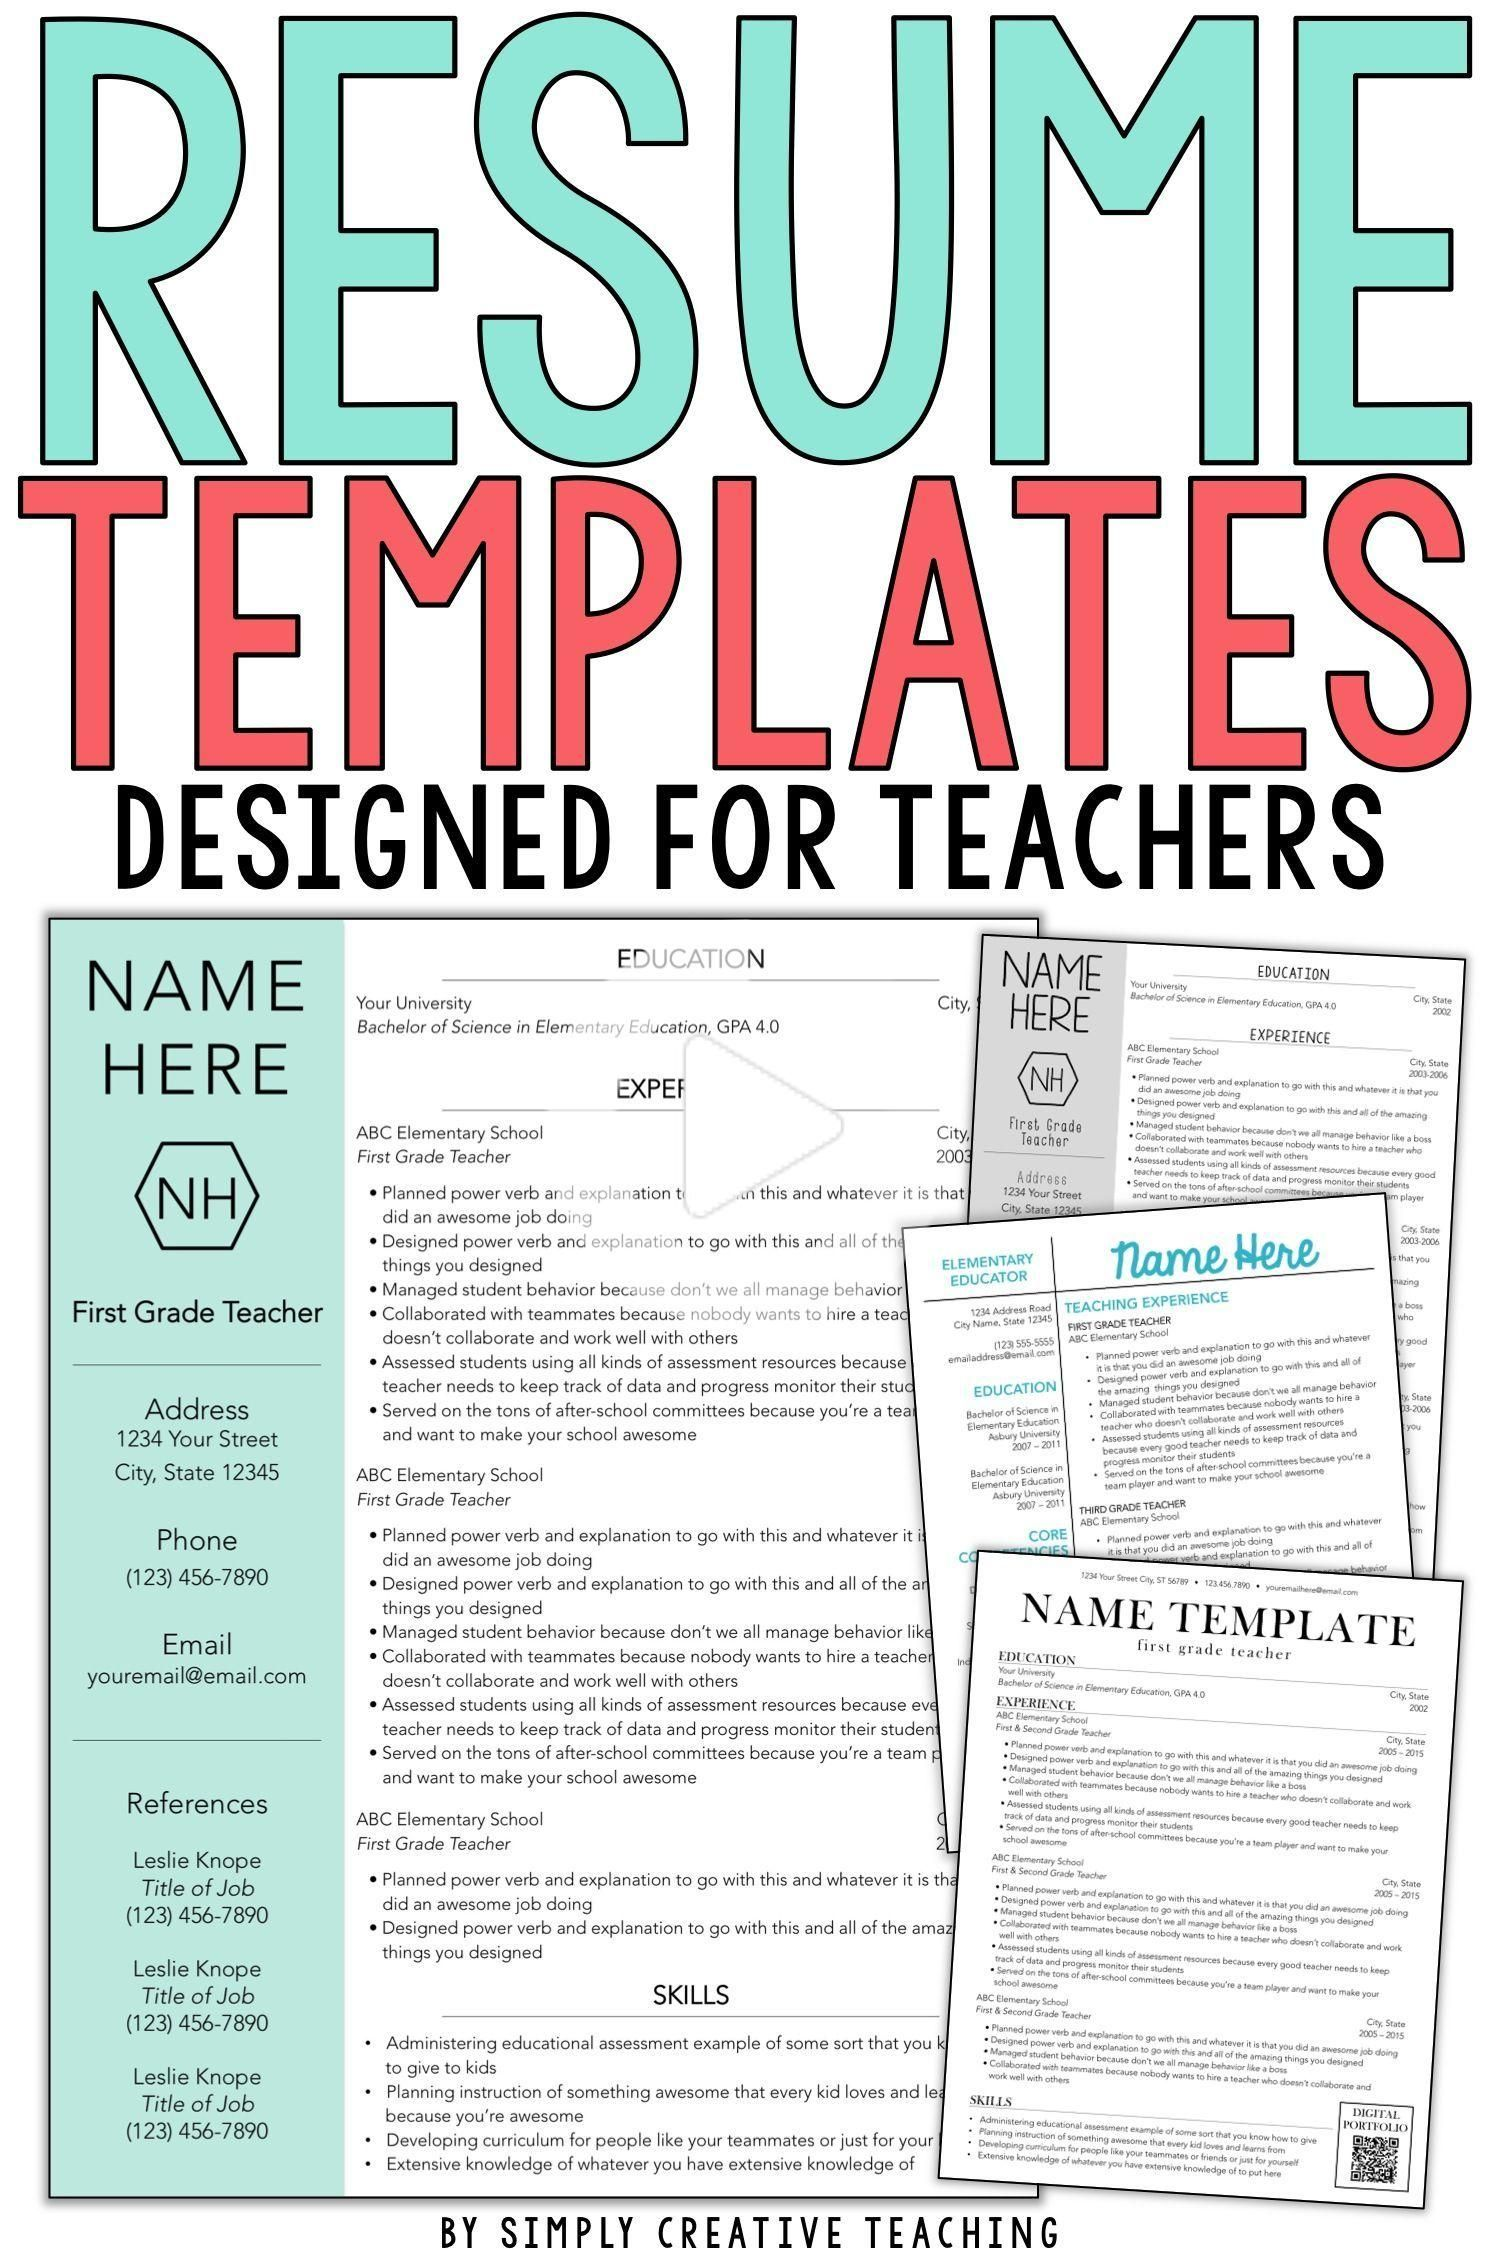 Teacher Resume Tips & Tricks in 2020 Teaching resume